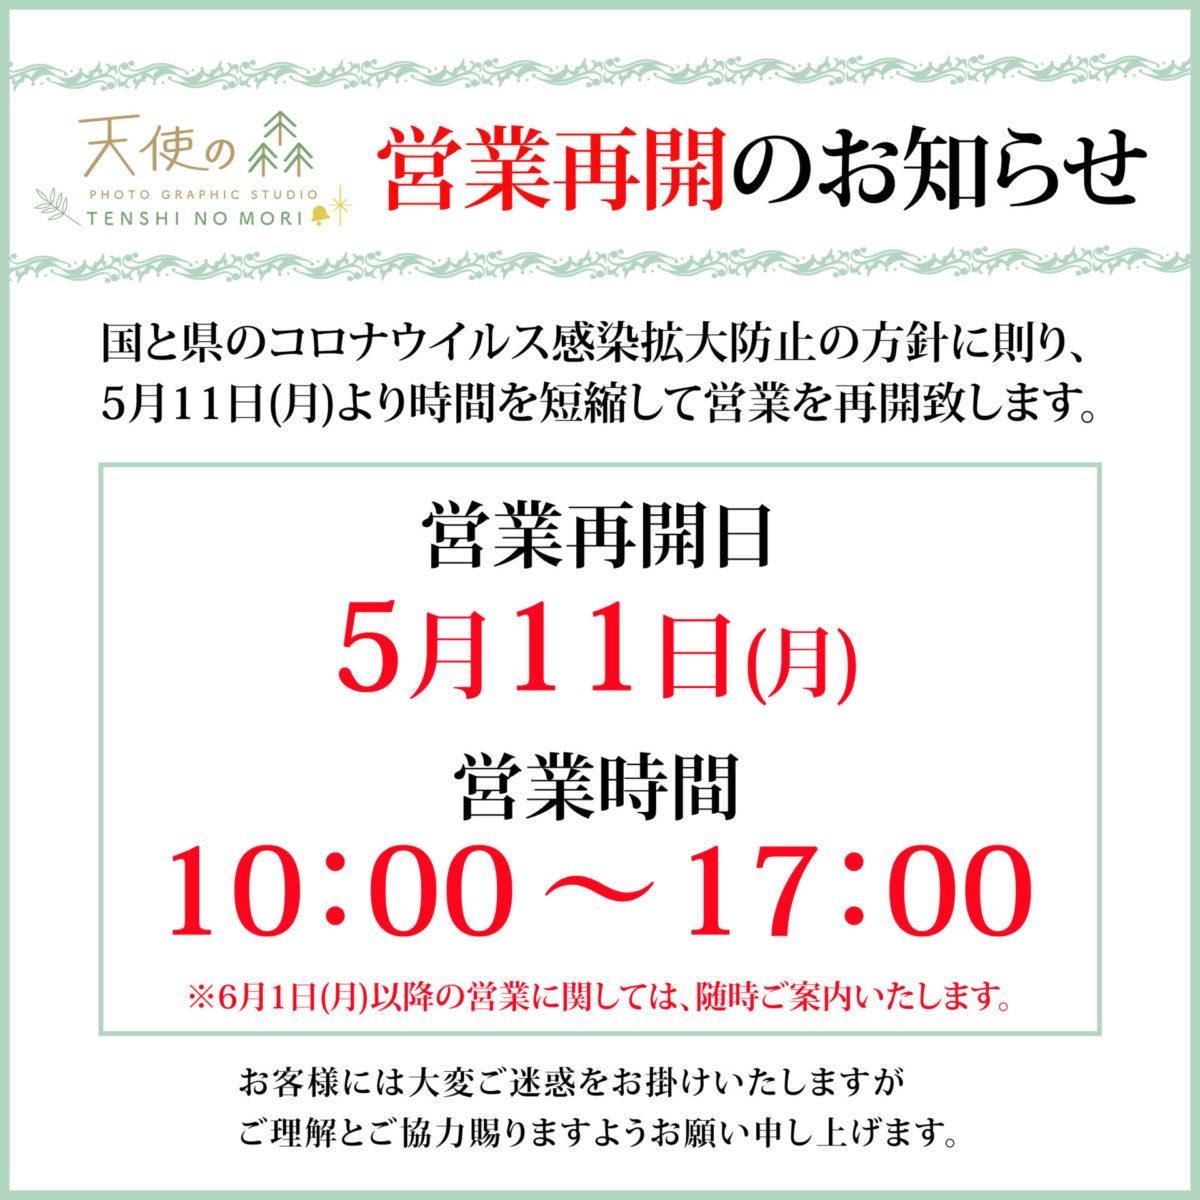 栃木 県 コロナ ウイルス 感染